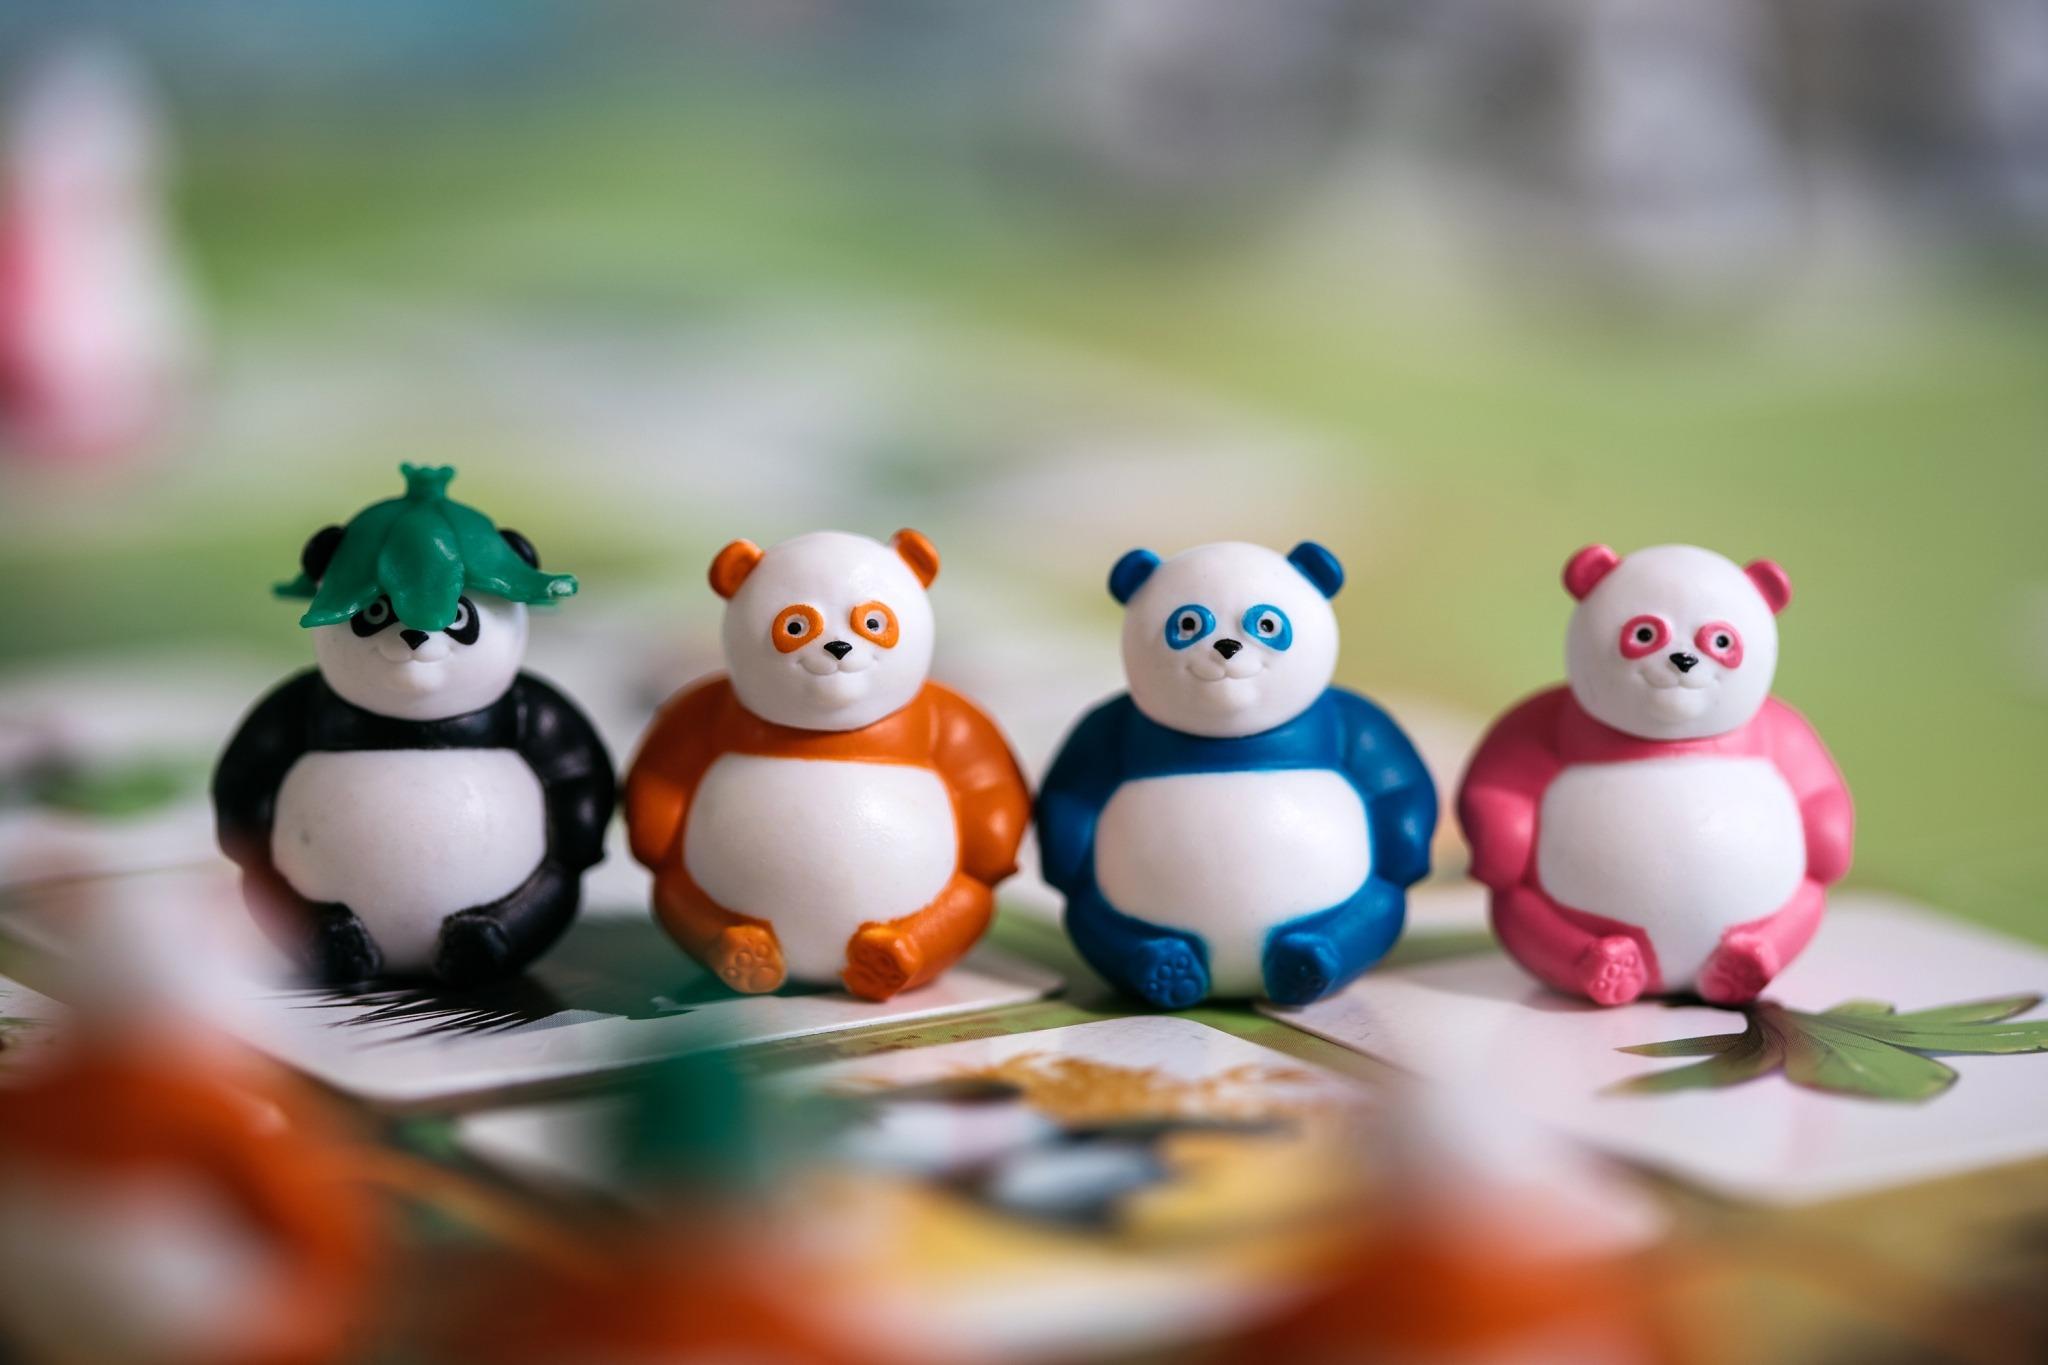 Pandai Origames jeu de société